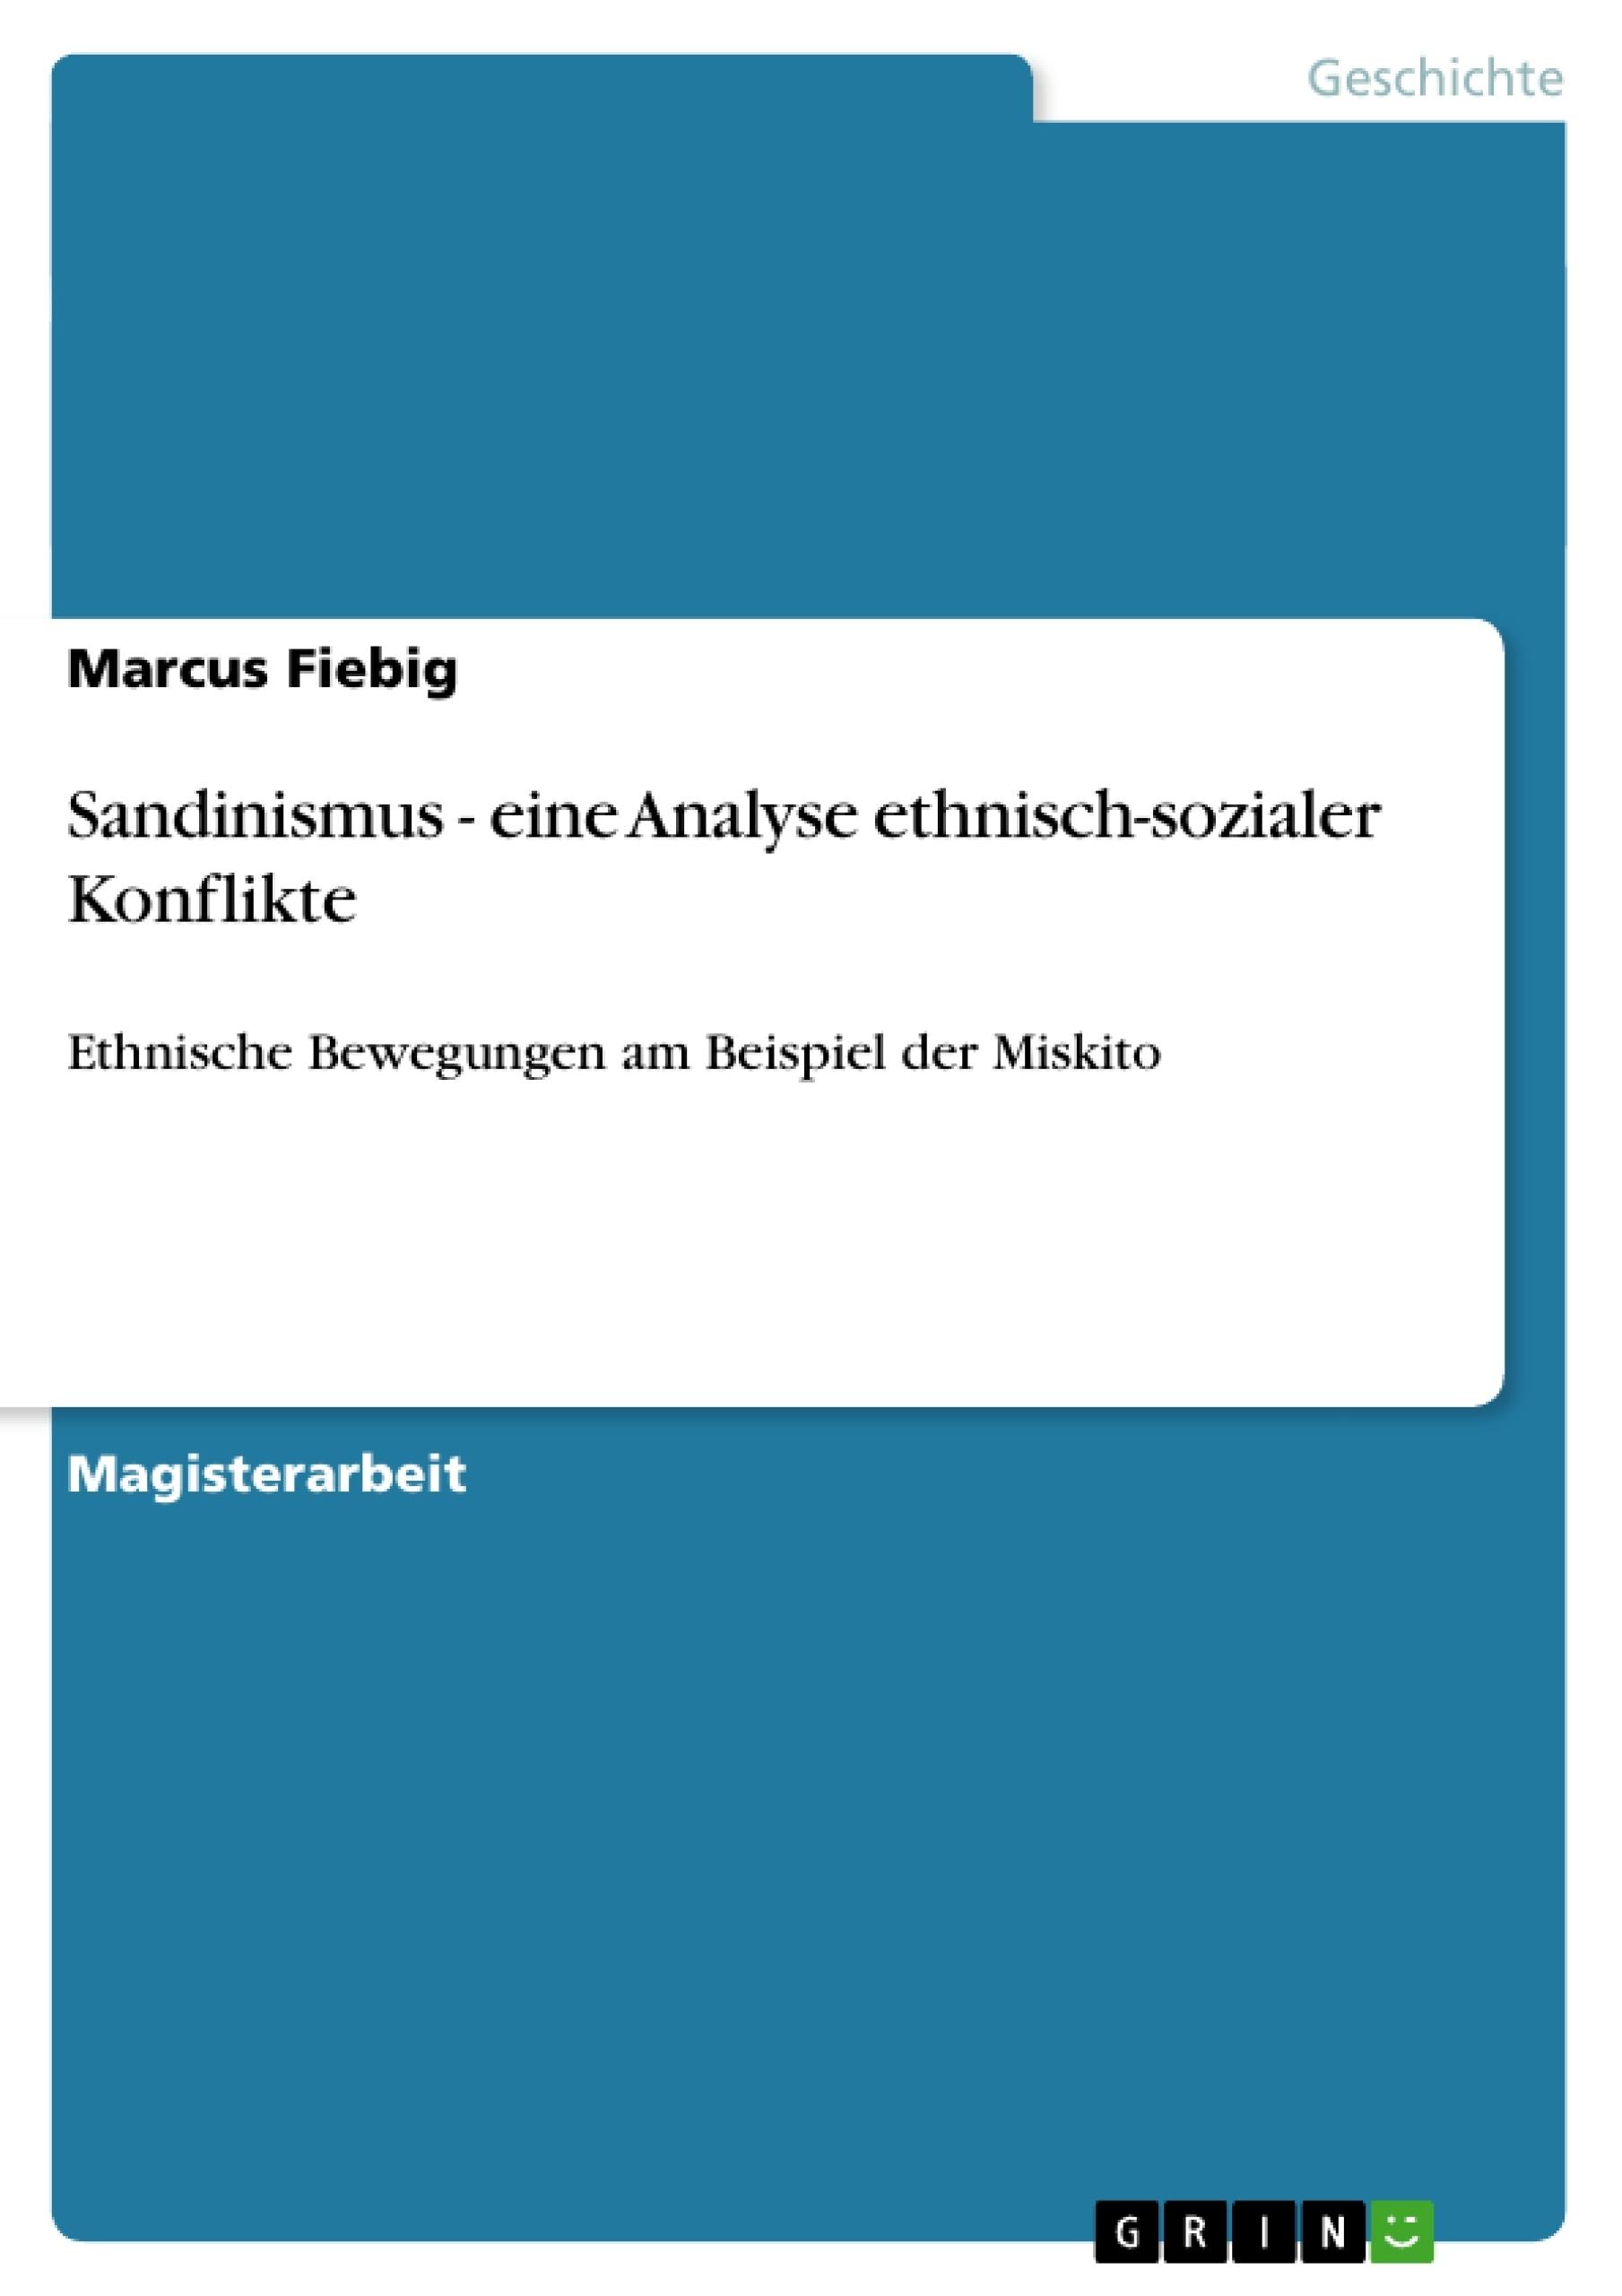 Titel: Sandinismus - eine Analyse ethnisch-sozialer Konflikte